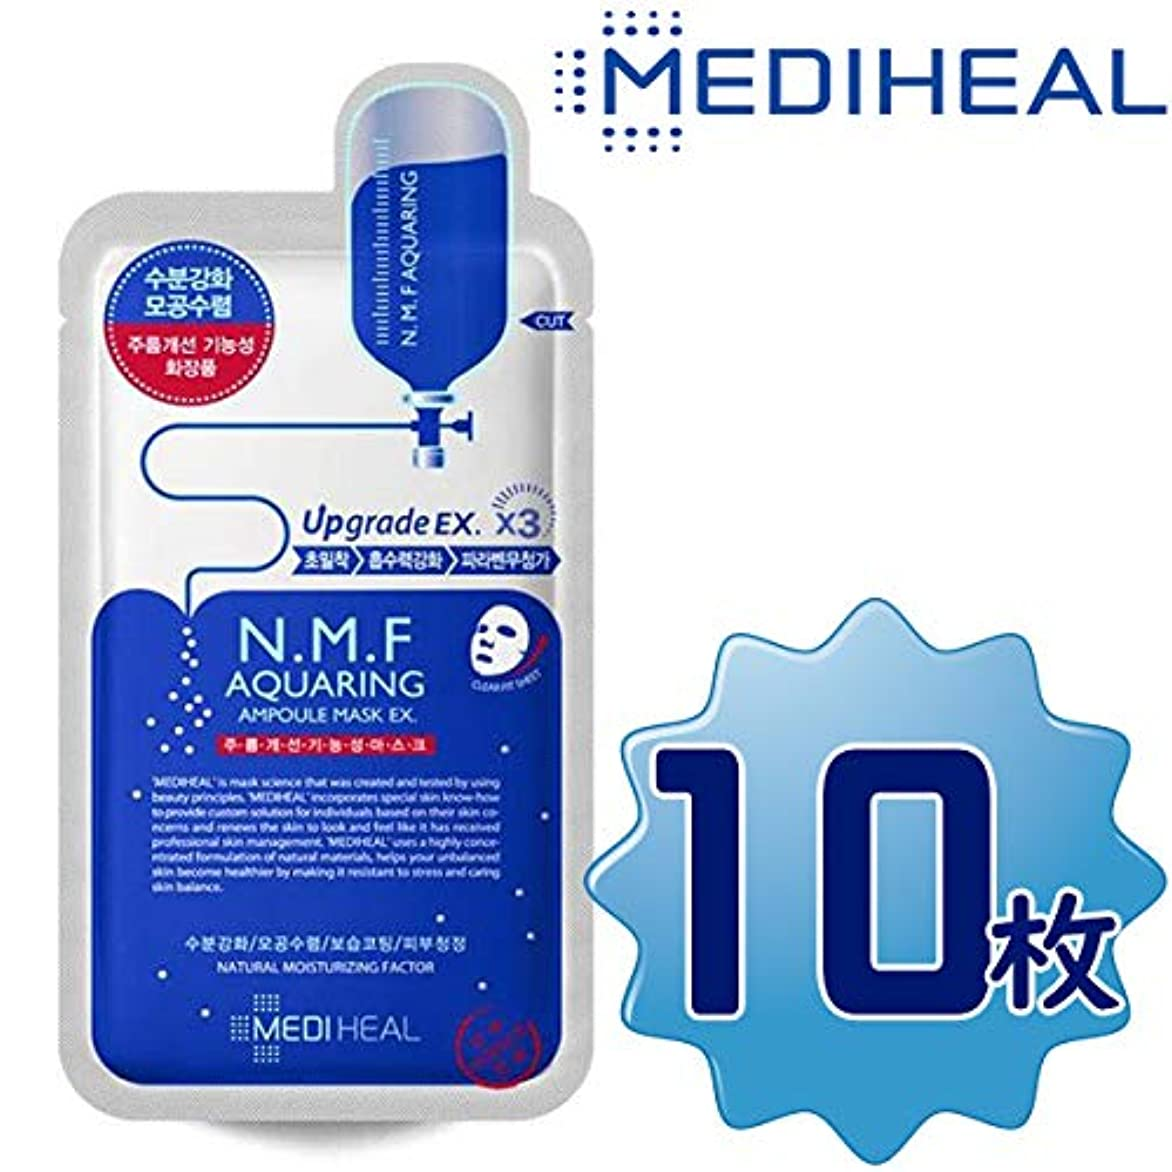 降雨洗練された女将【正規輸入品】Mediheal メディヒール N.M.F アクアリング アンプル?マスクパックEX 10枚入り×1(Aquaring Ampoule Essential Mask PackEX 1box(10sheet)×1